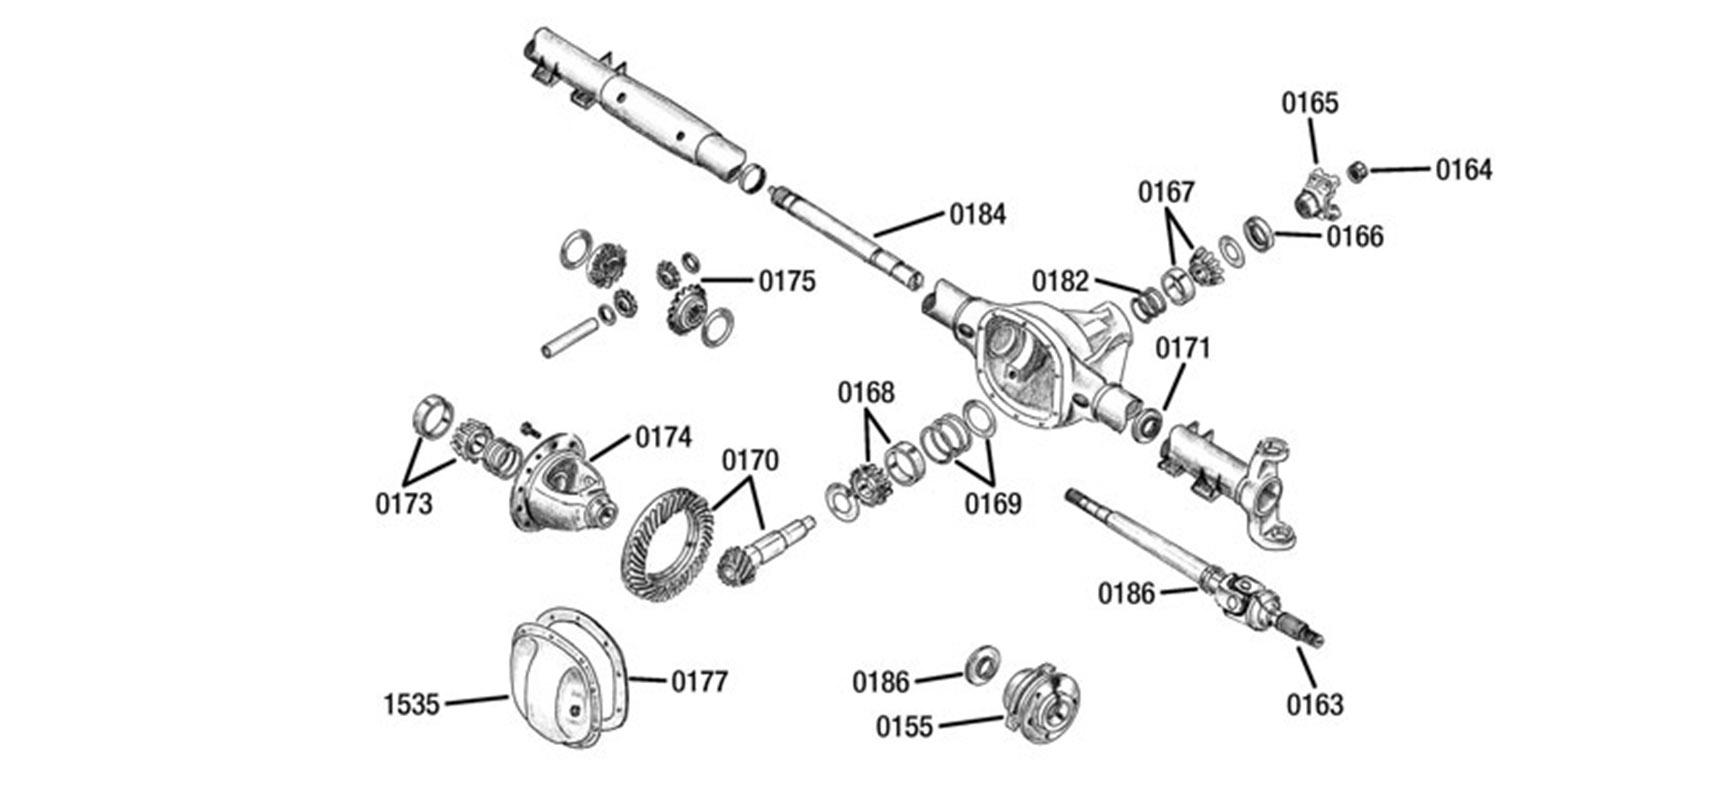 jeep cherokee kk wiring diagram